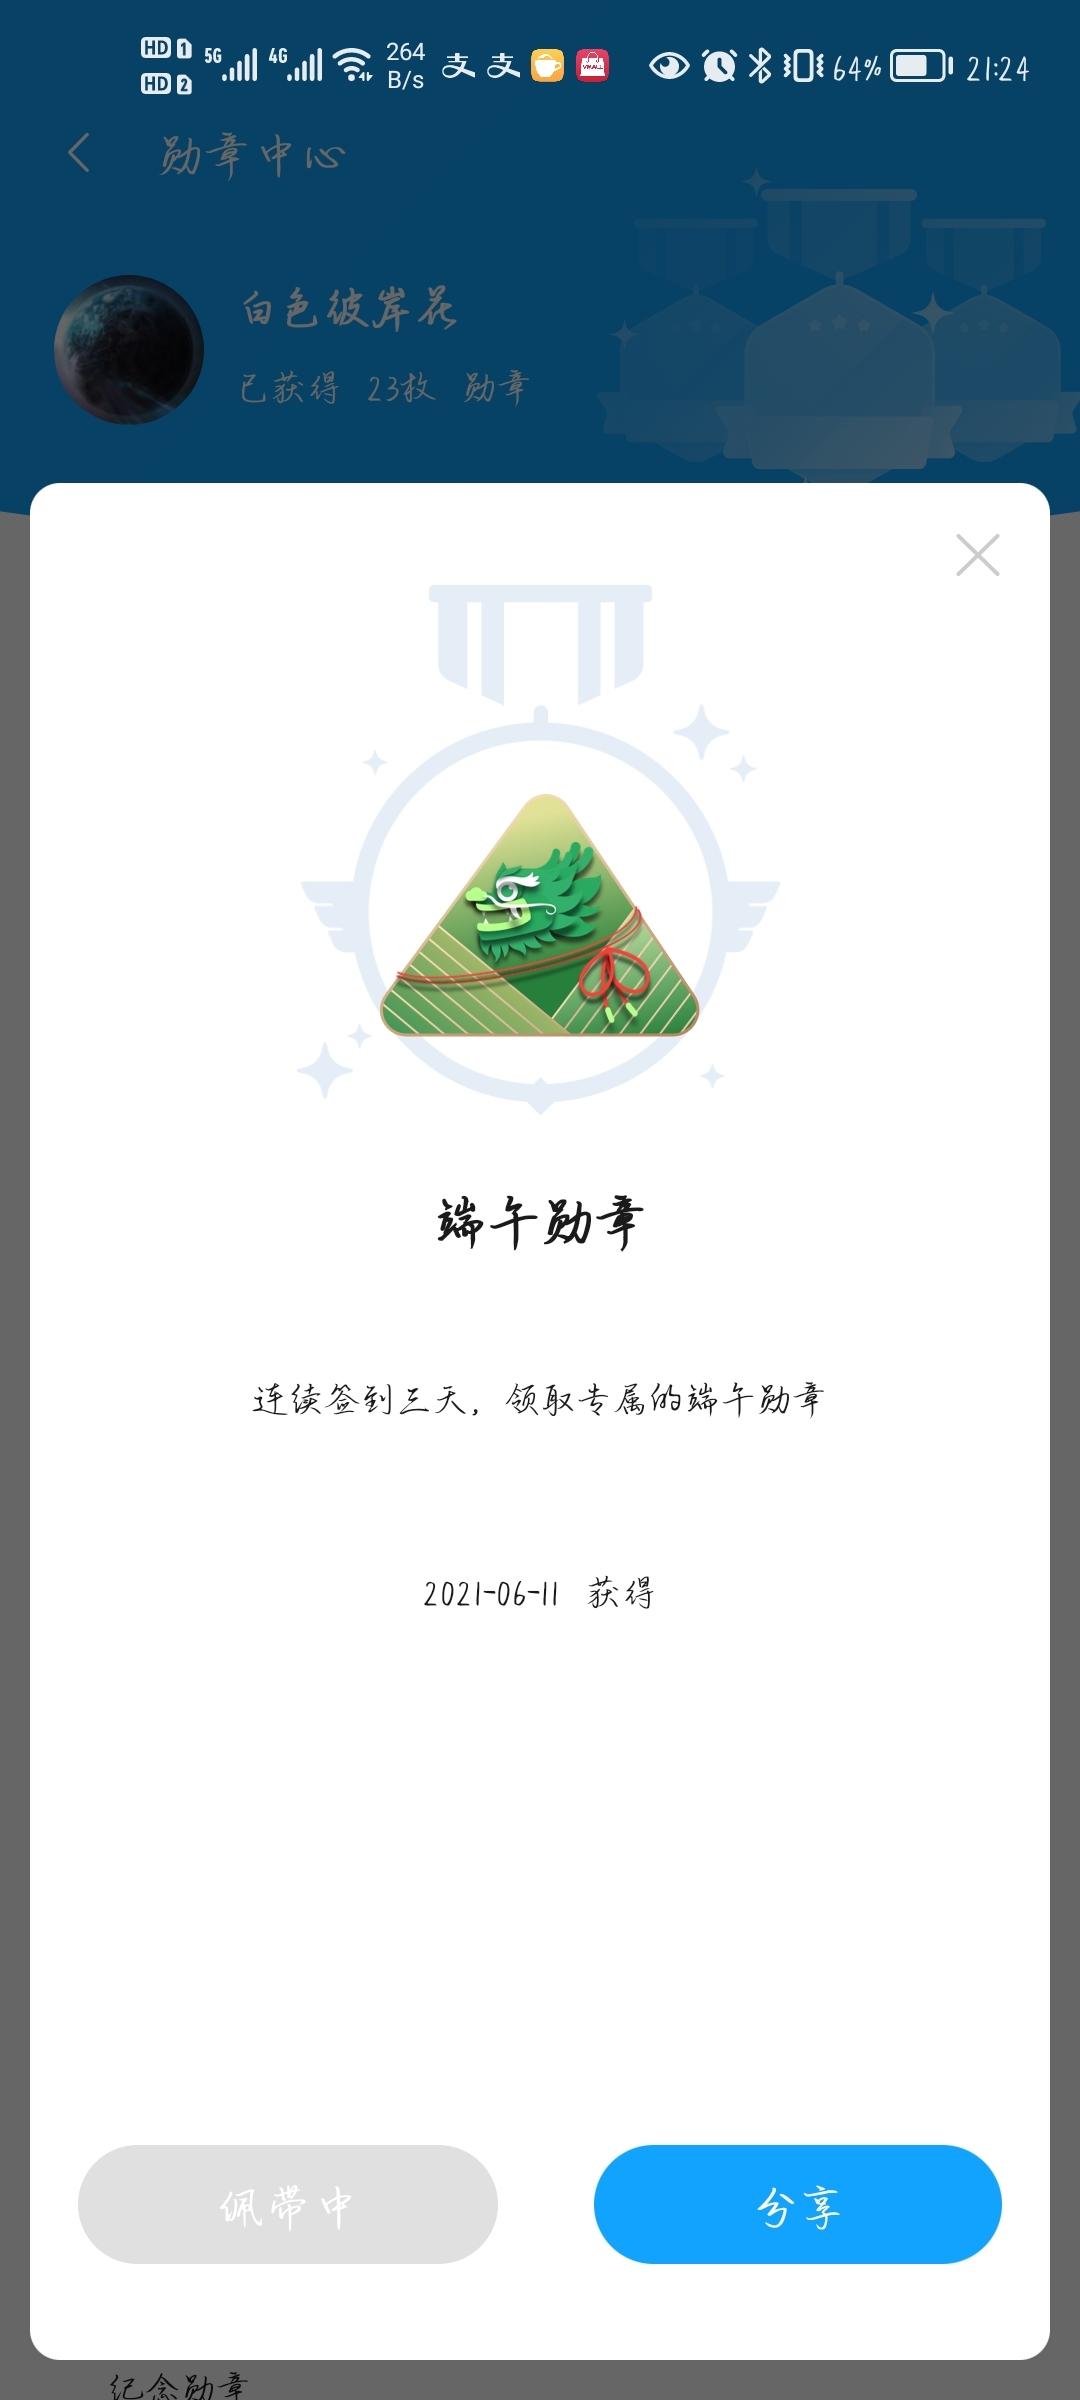 Screenshot_20210611_212426_com.huawei.fans.jpg